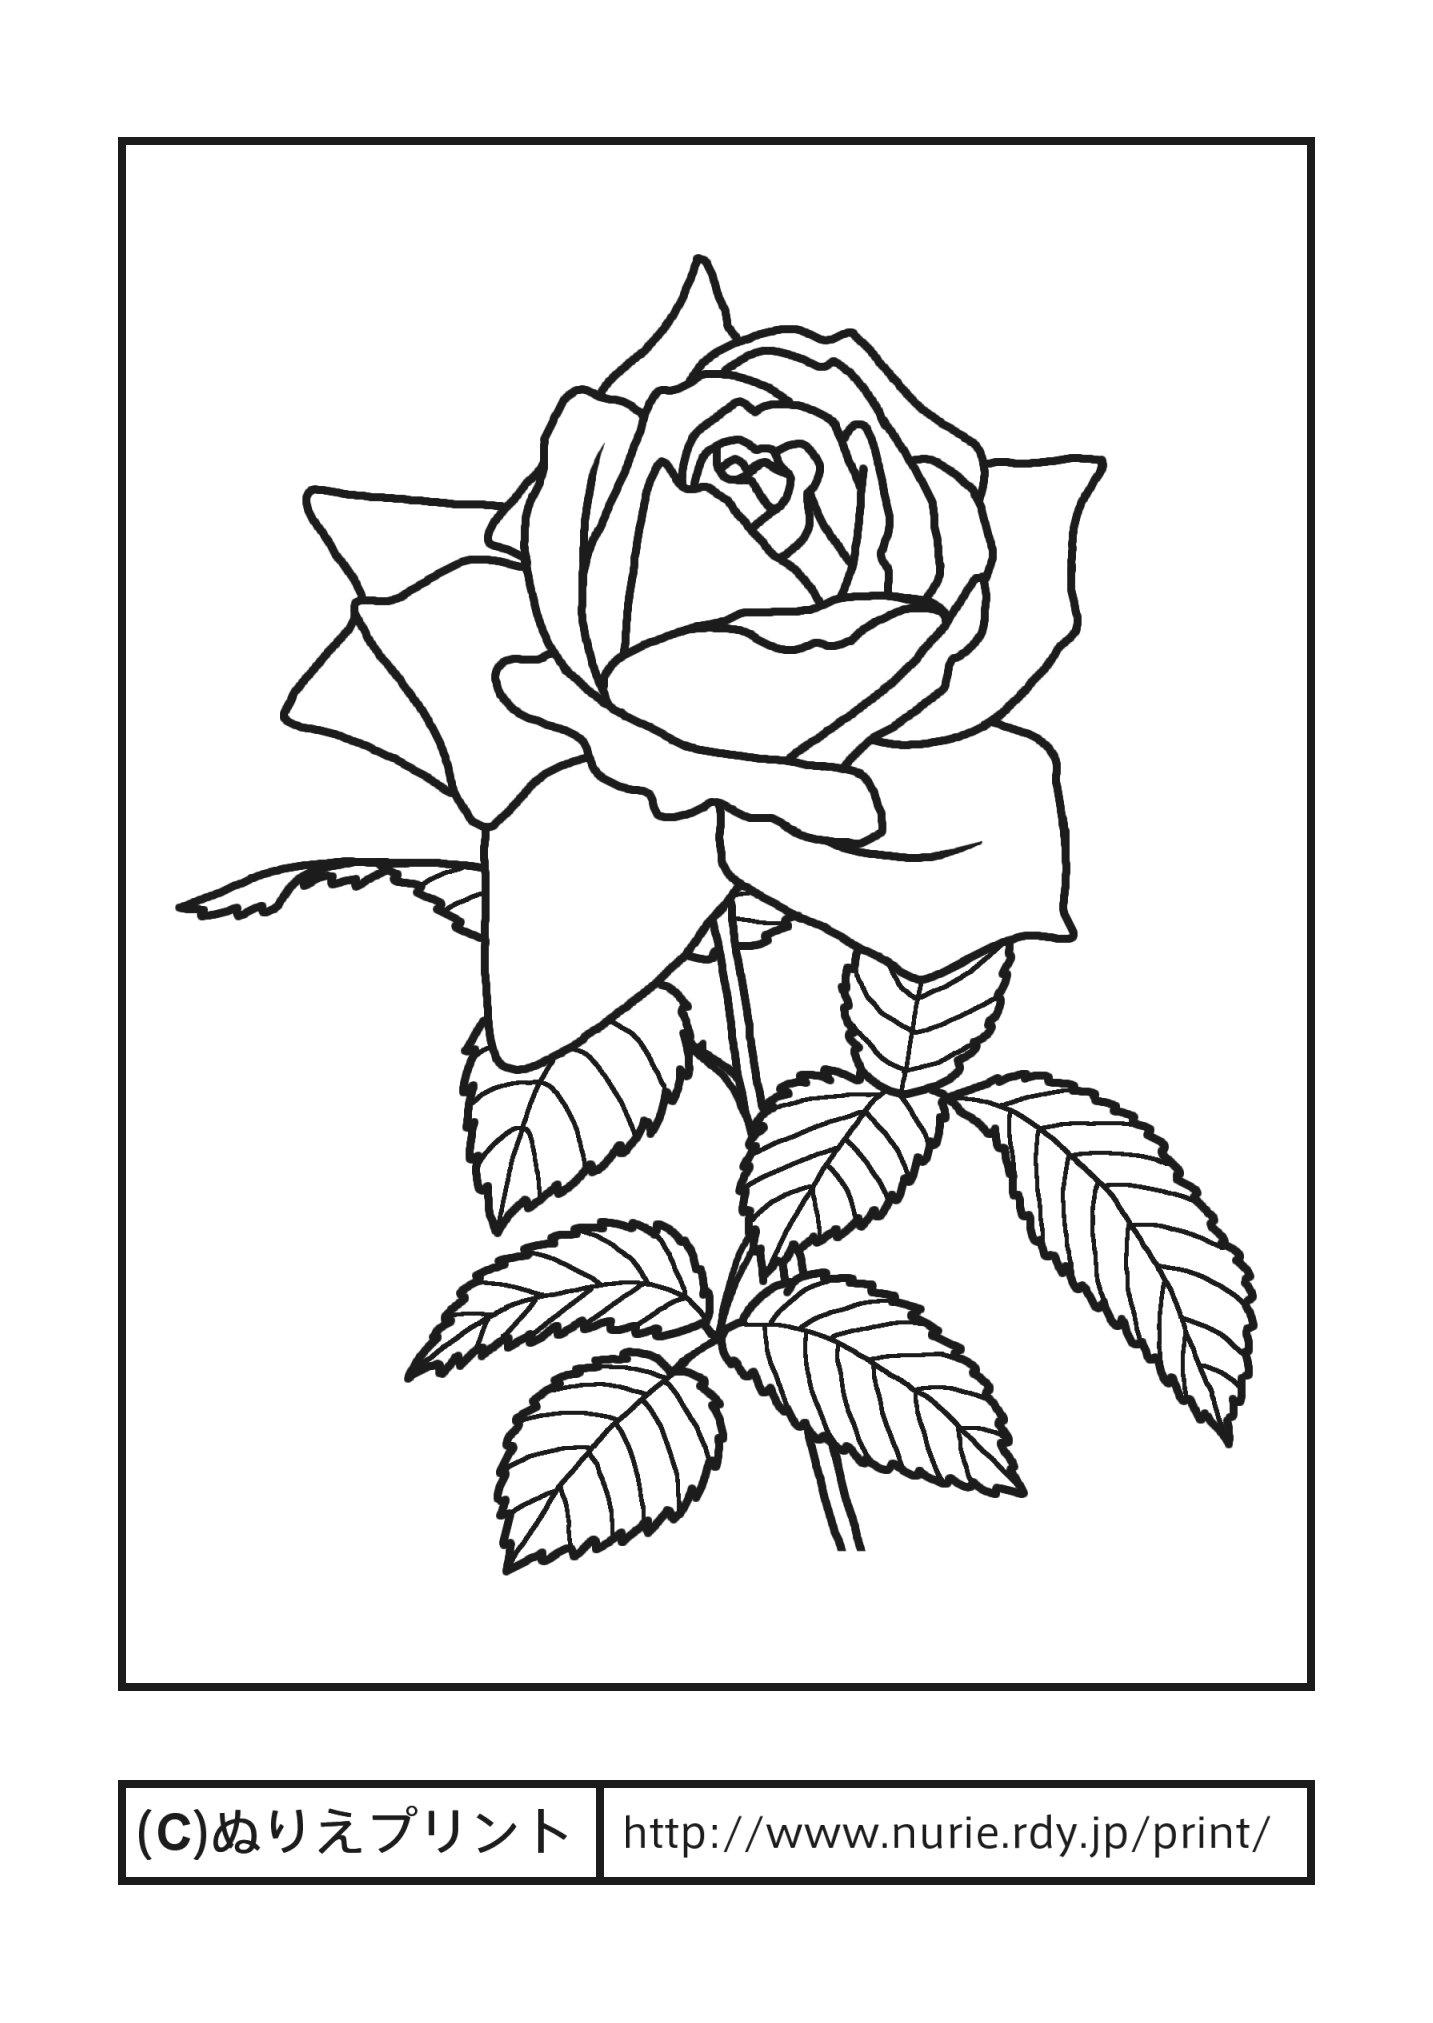 ... 無料塗り絵/都道府県【ぬりえ : 塗り絵 イラスト 無料 : イラスト